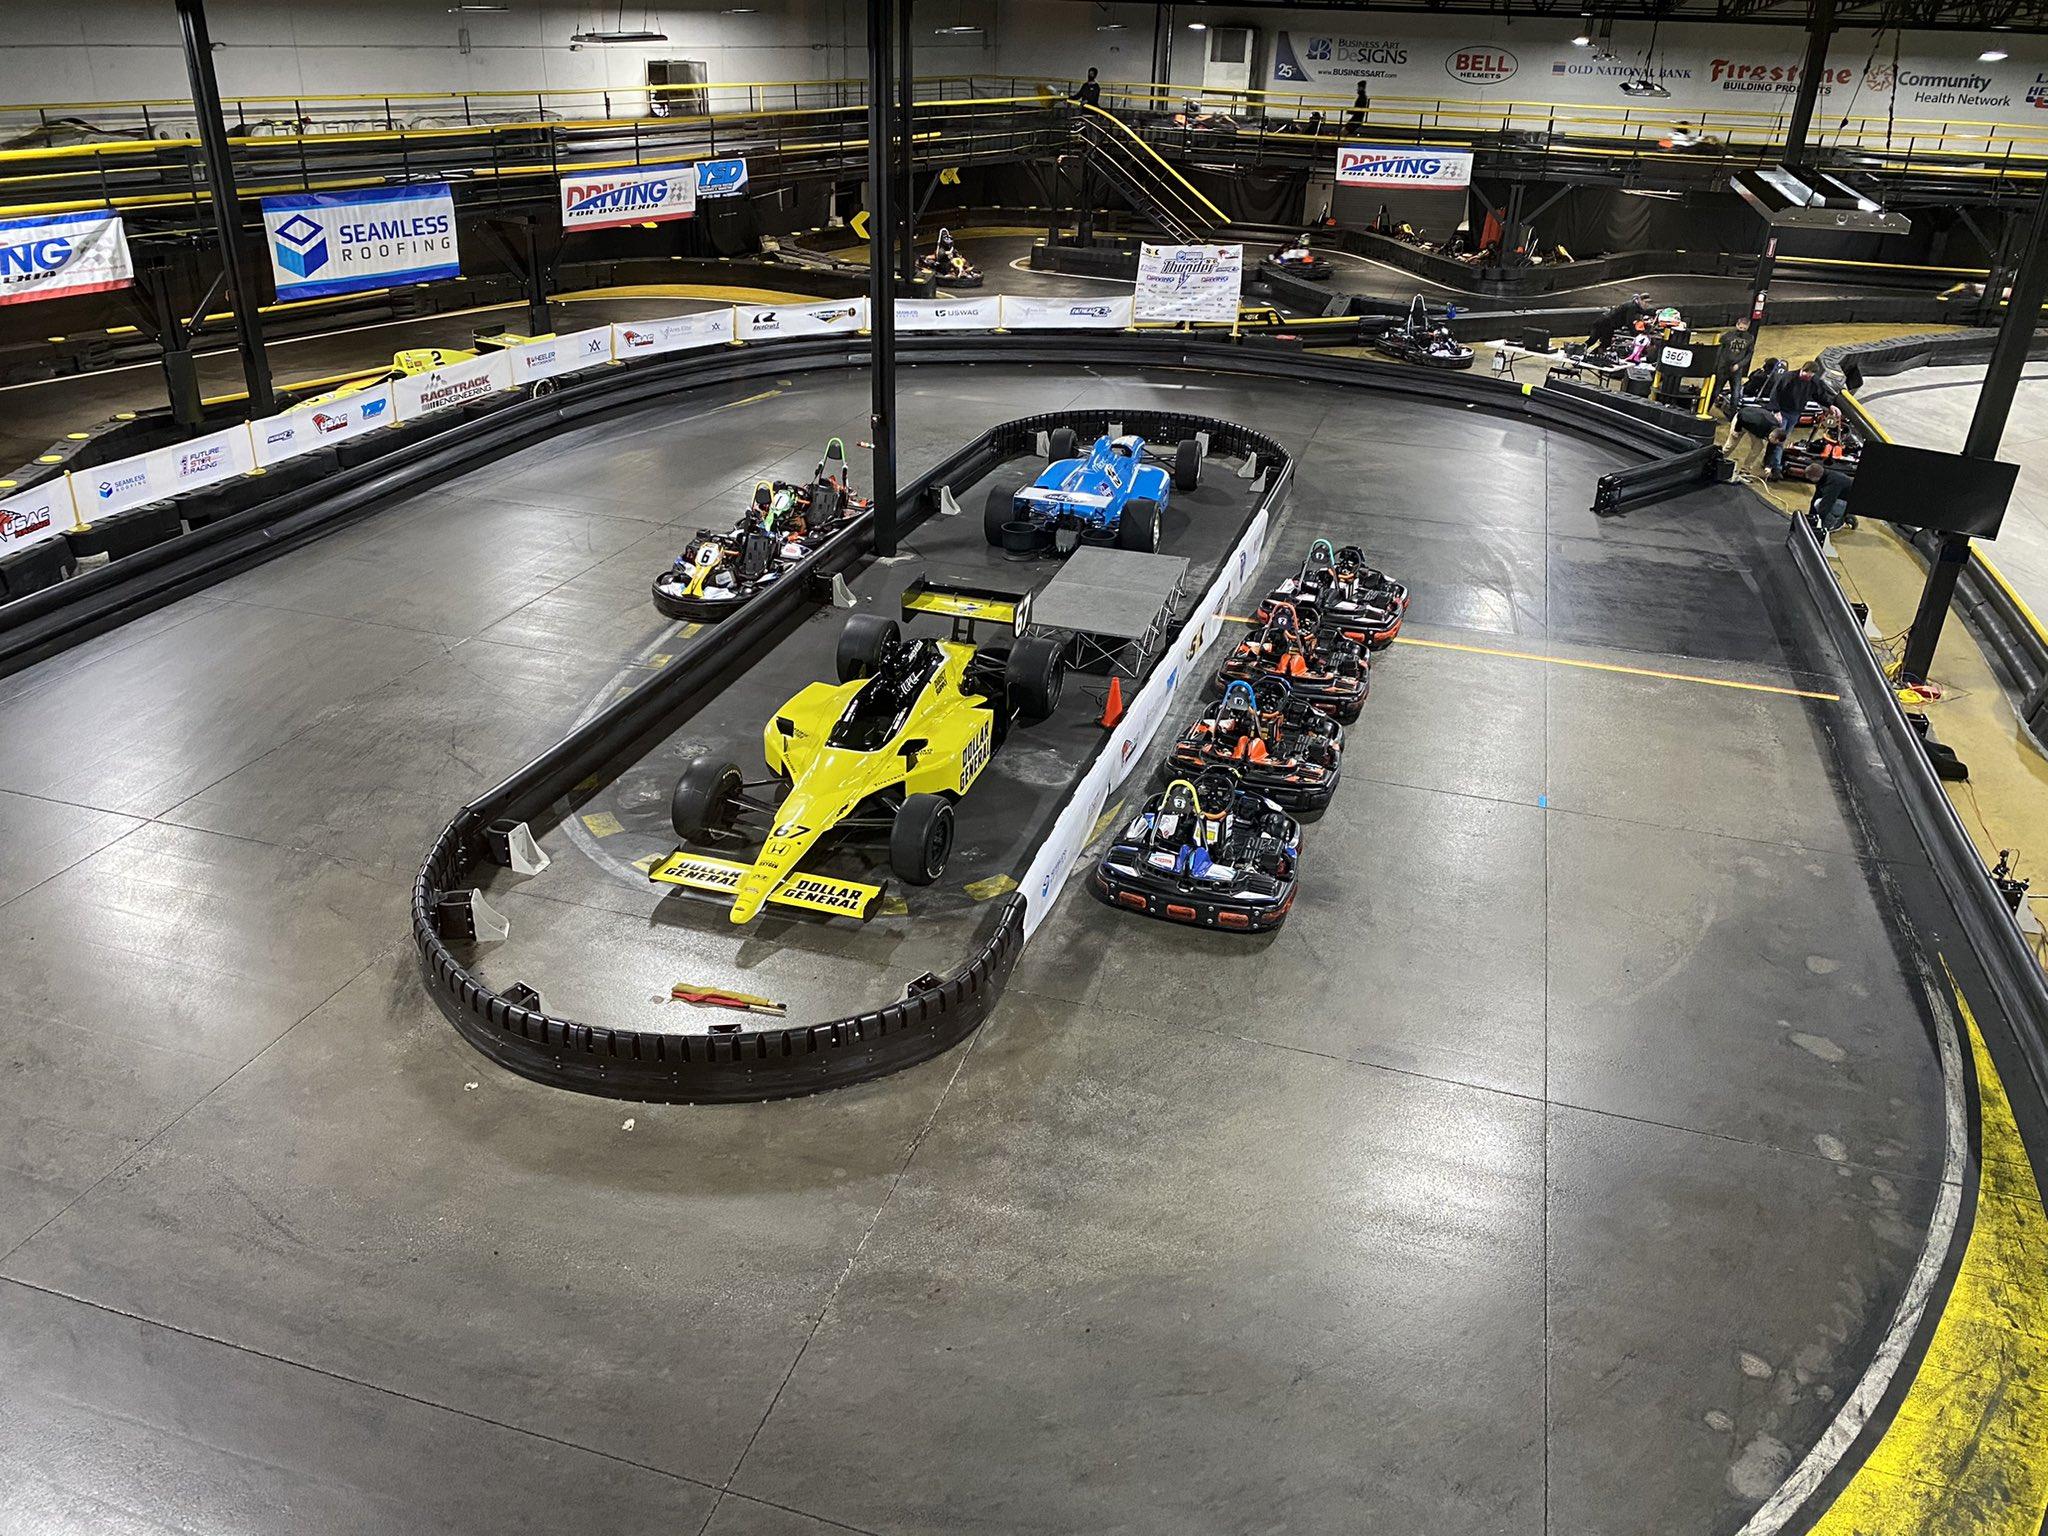 TNT Go Kart